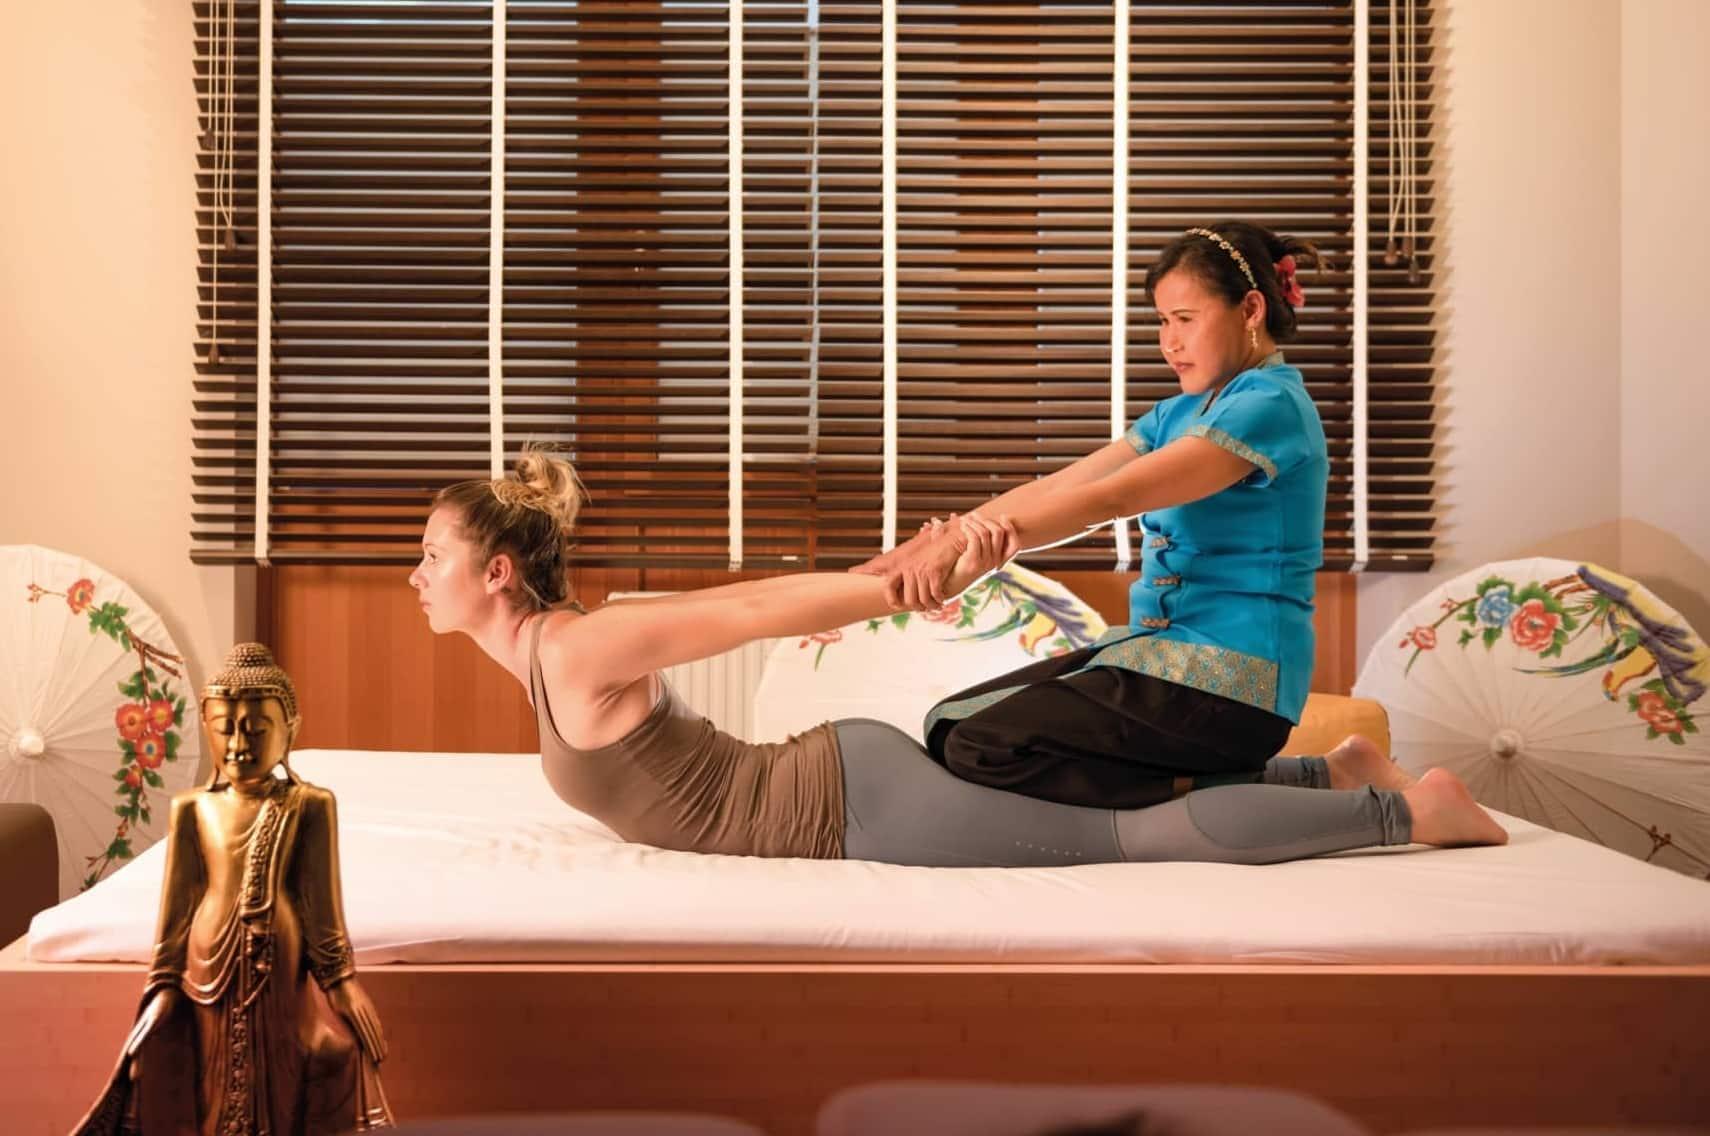 Thai-Königs-Massage